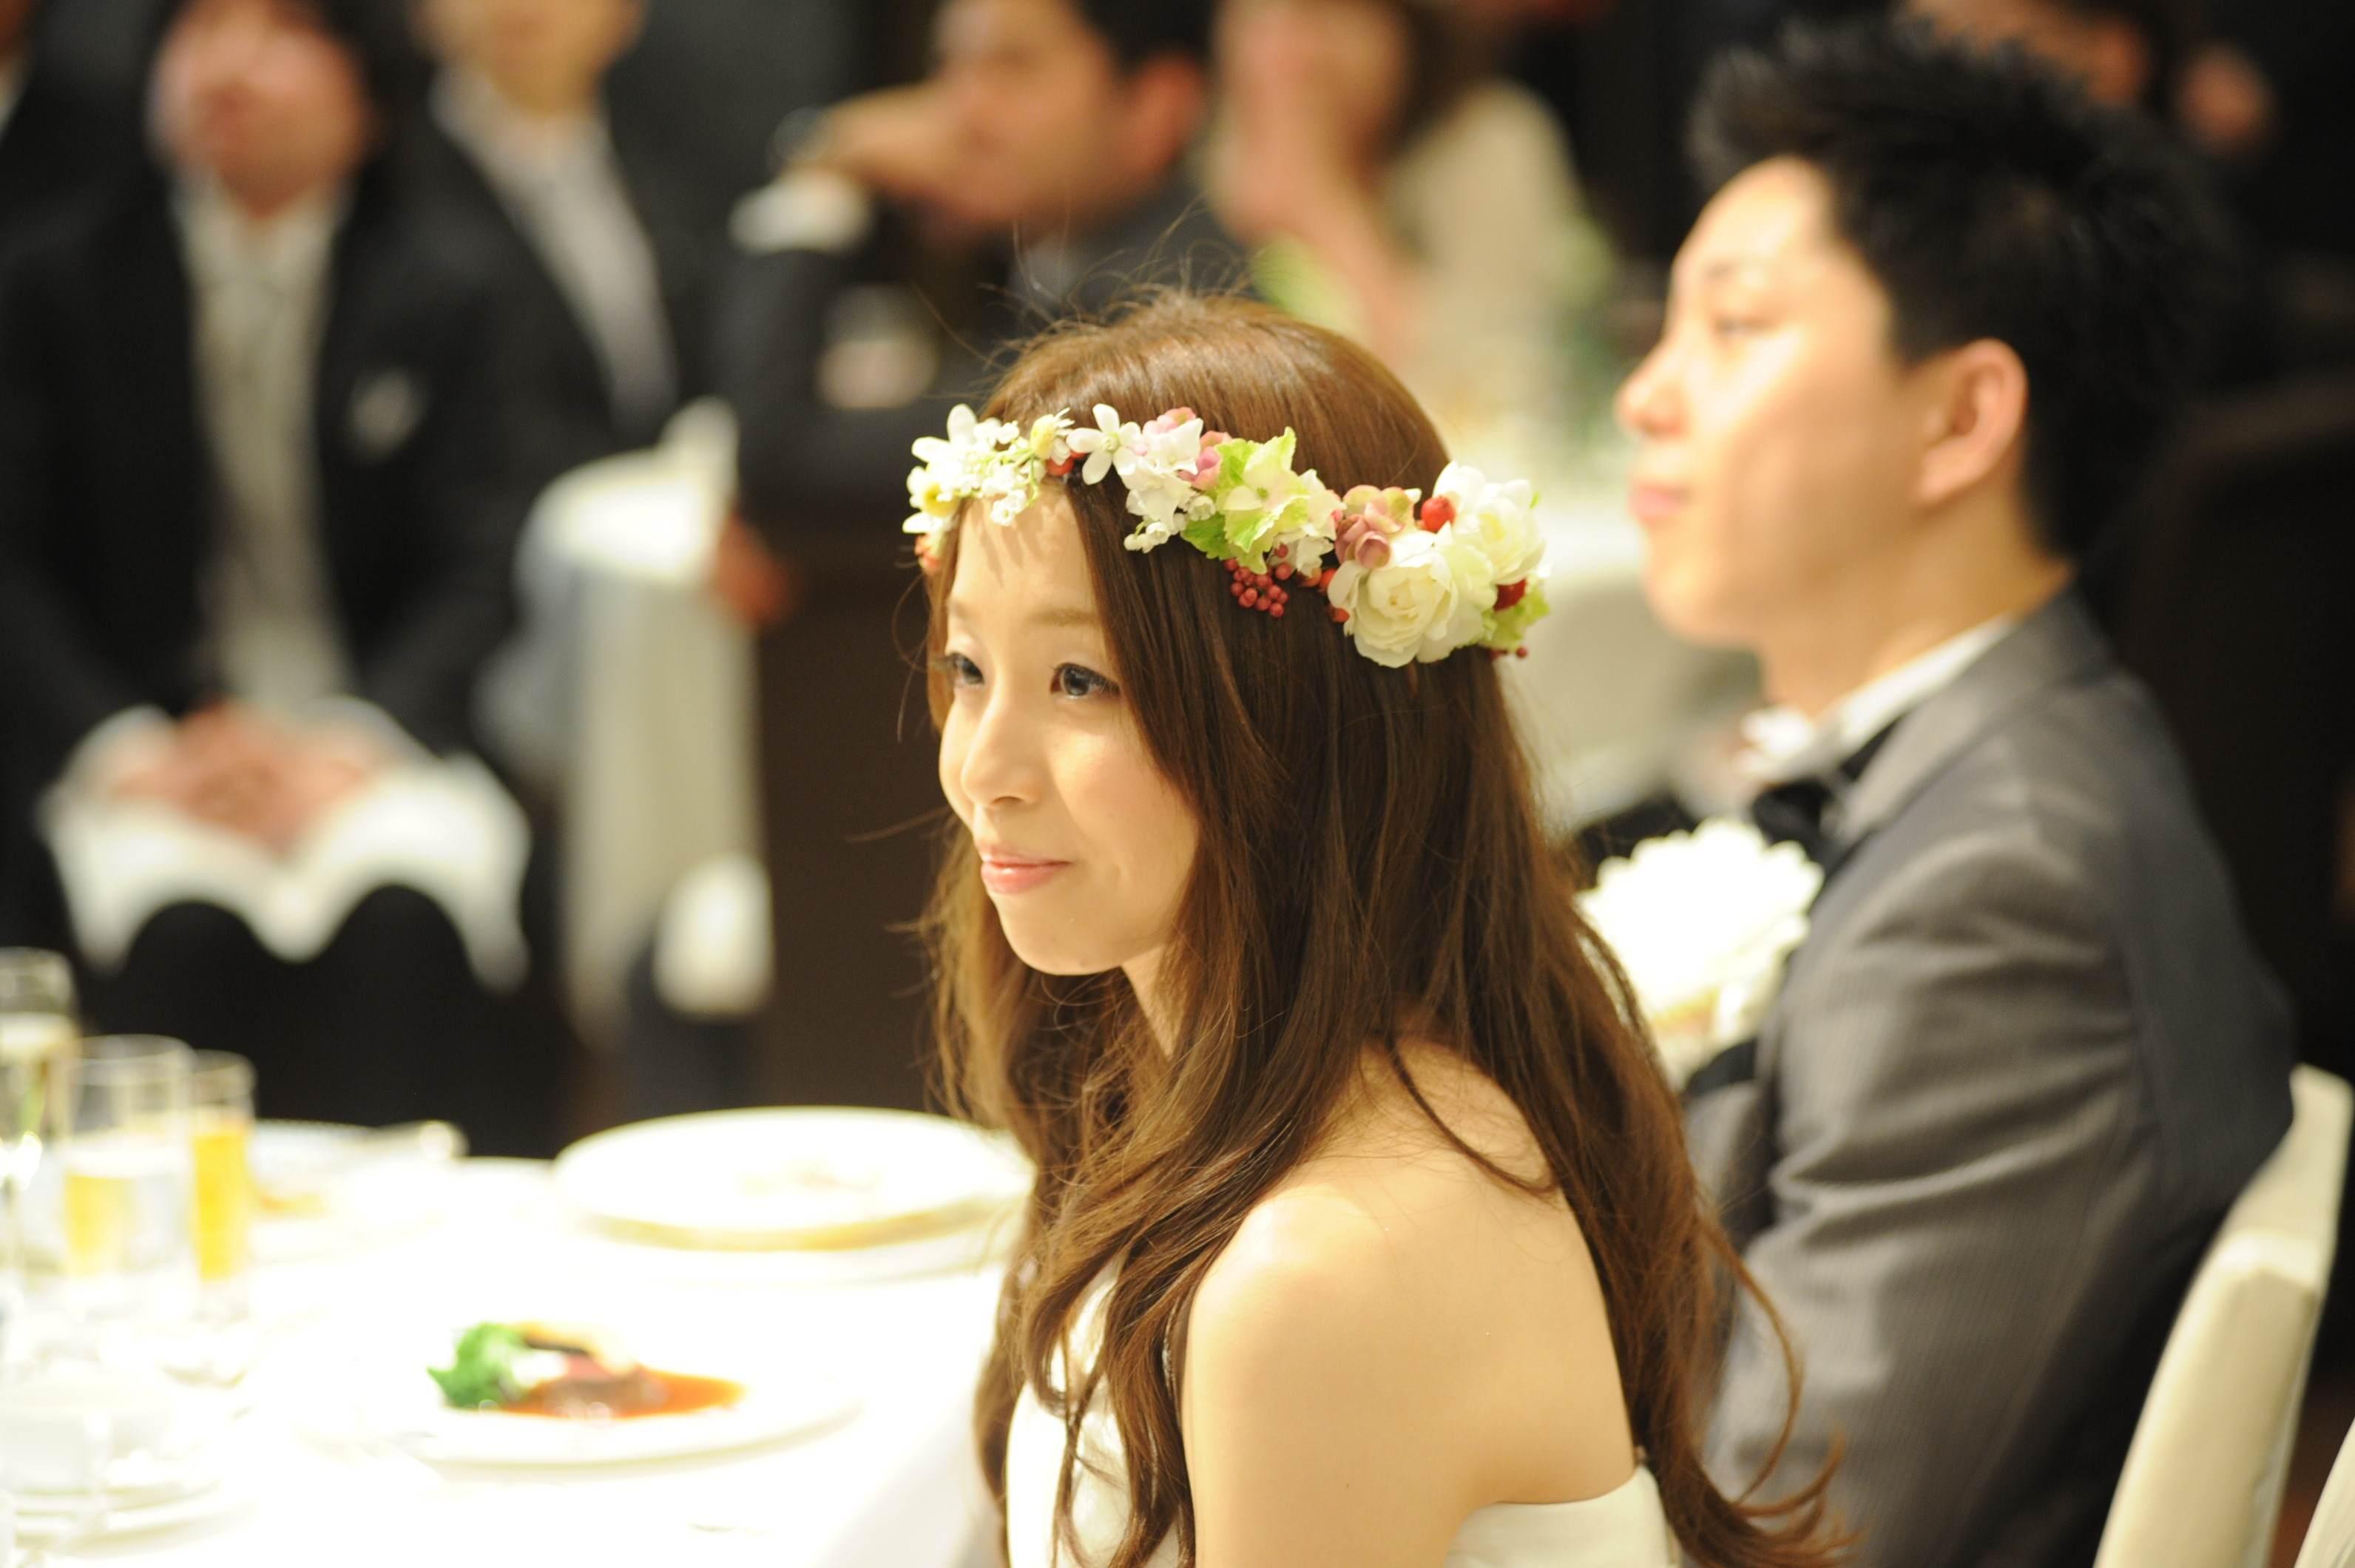 花冠の花嫁様 とある会場様へ 大人テイストのムーミンのような世界観_a0042928_16554175.jpg